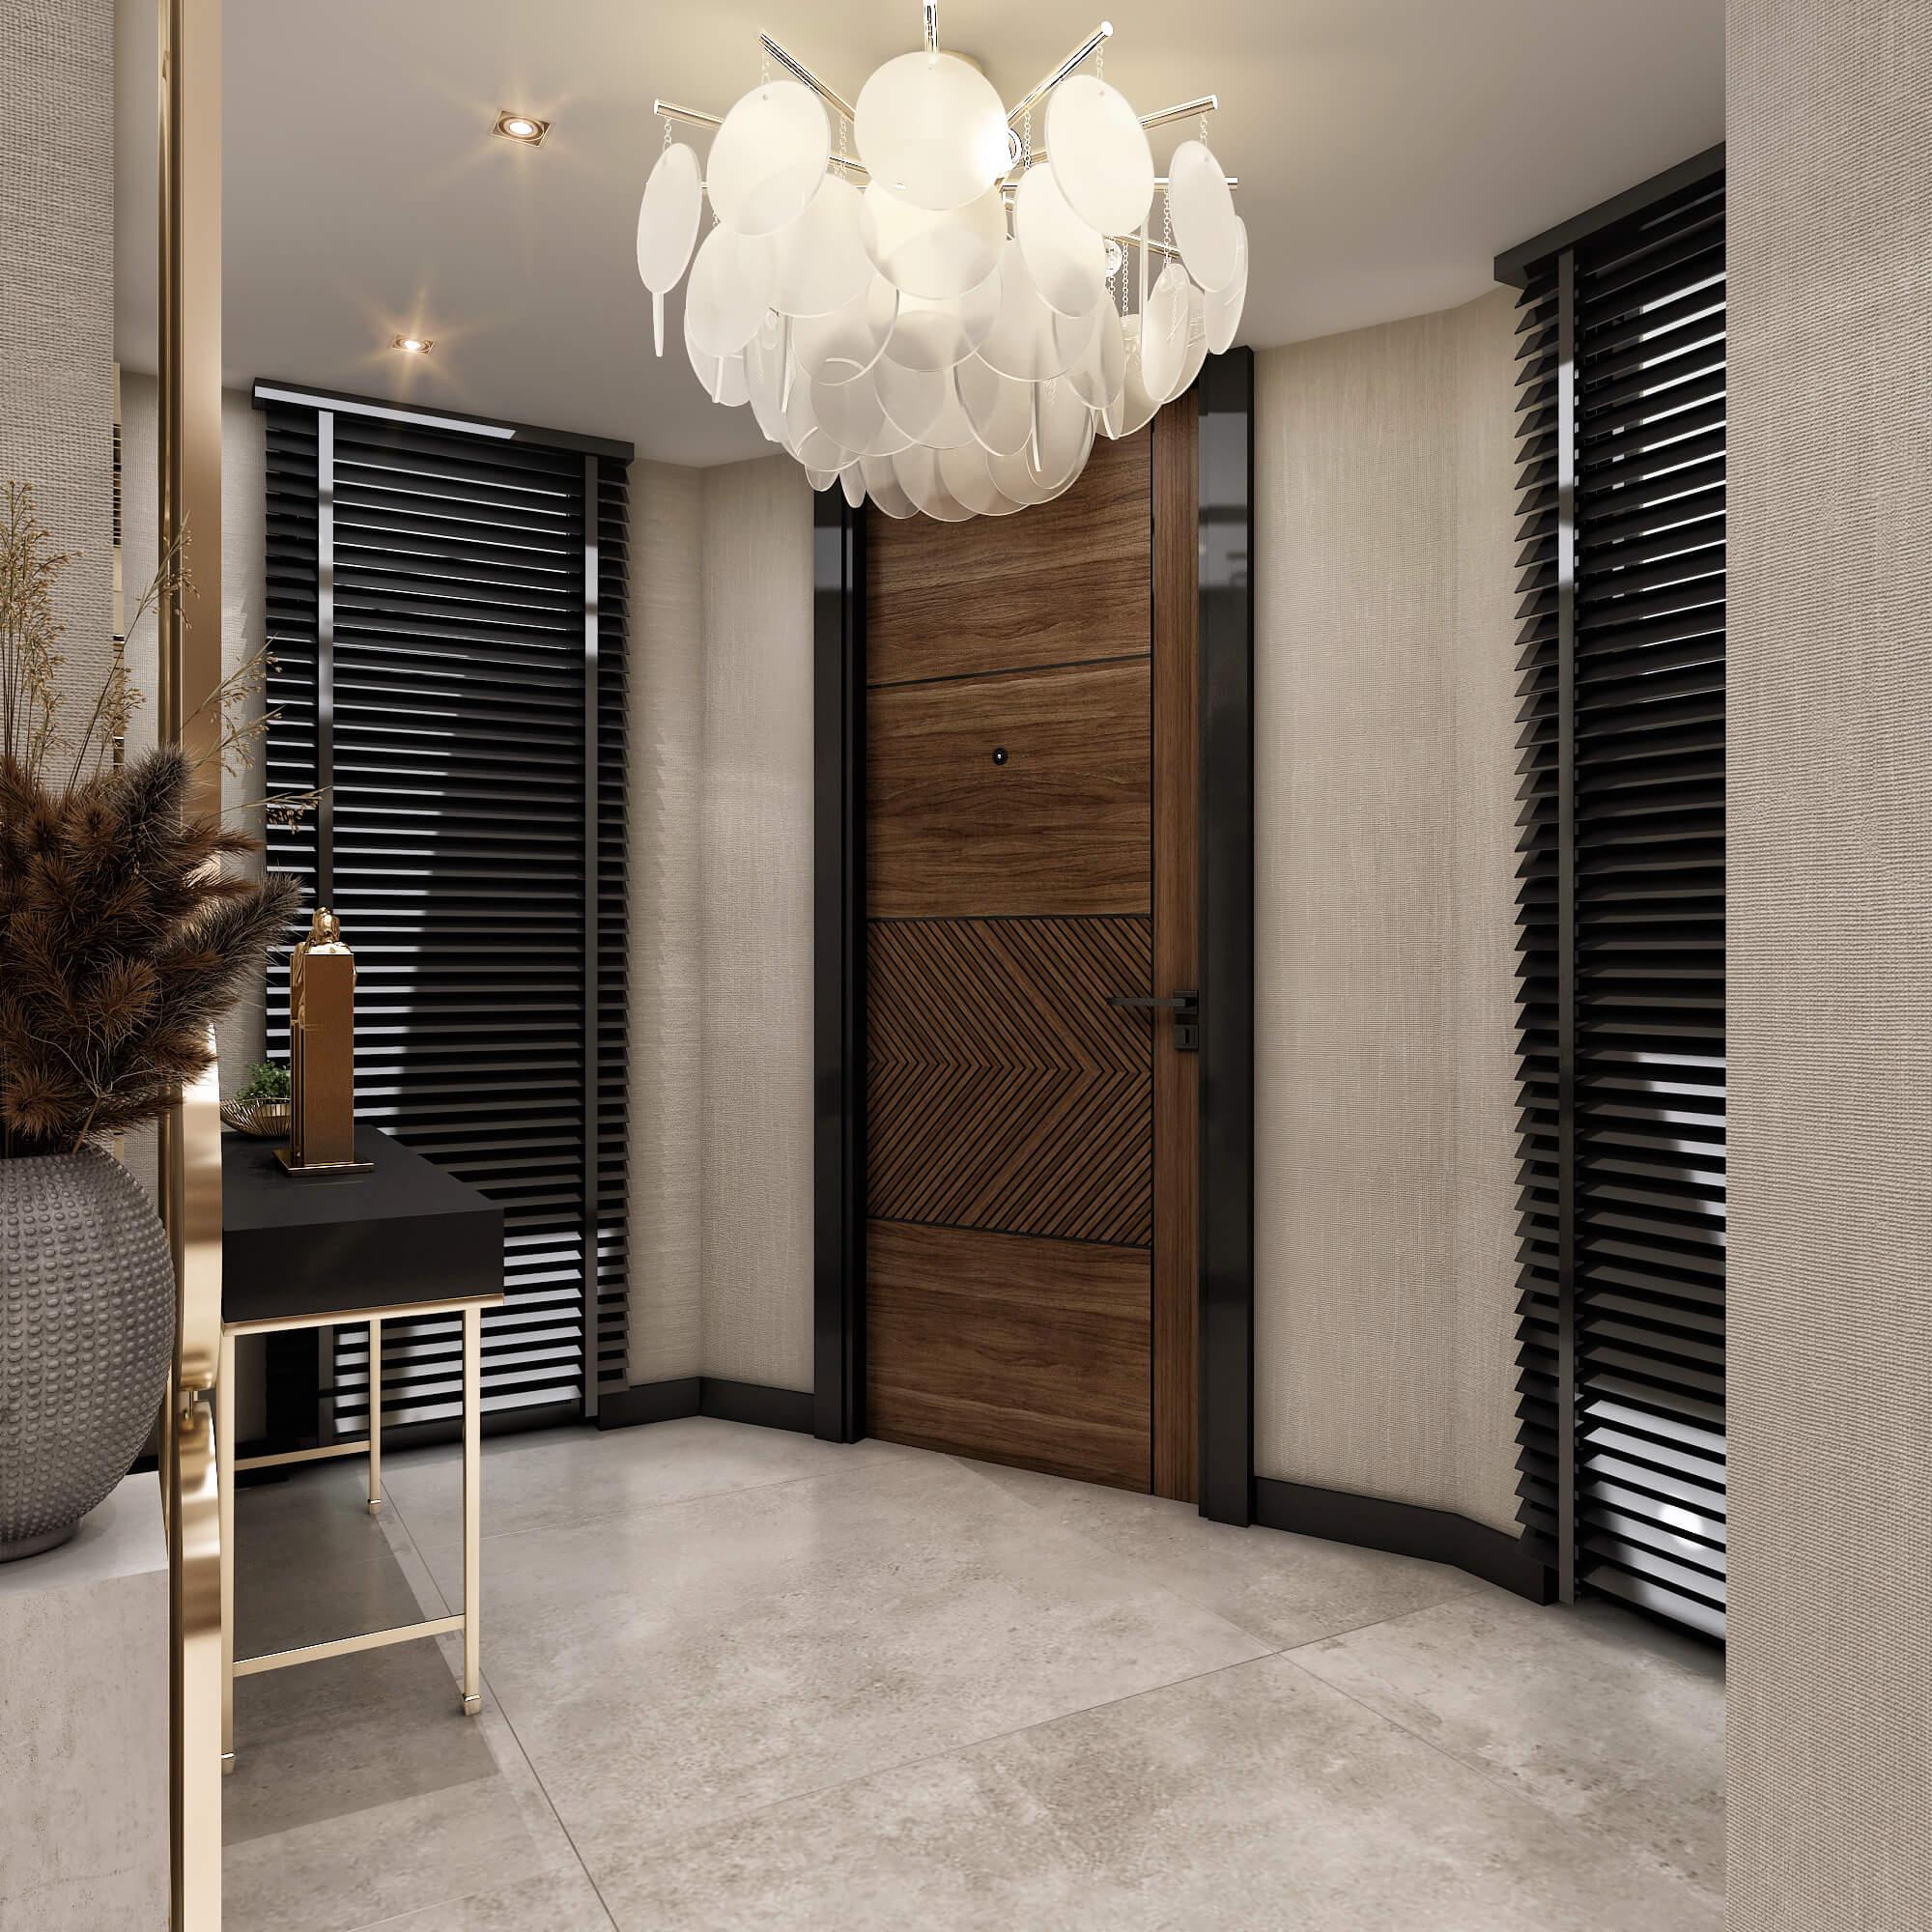 Hacılar 4379 Cemreler House Residential